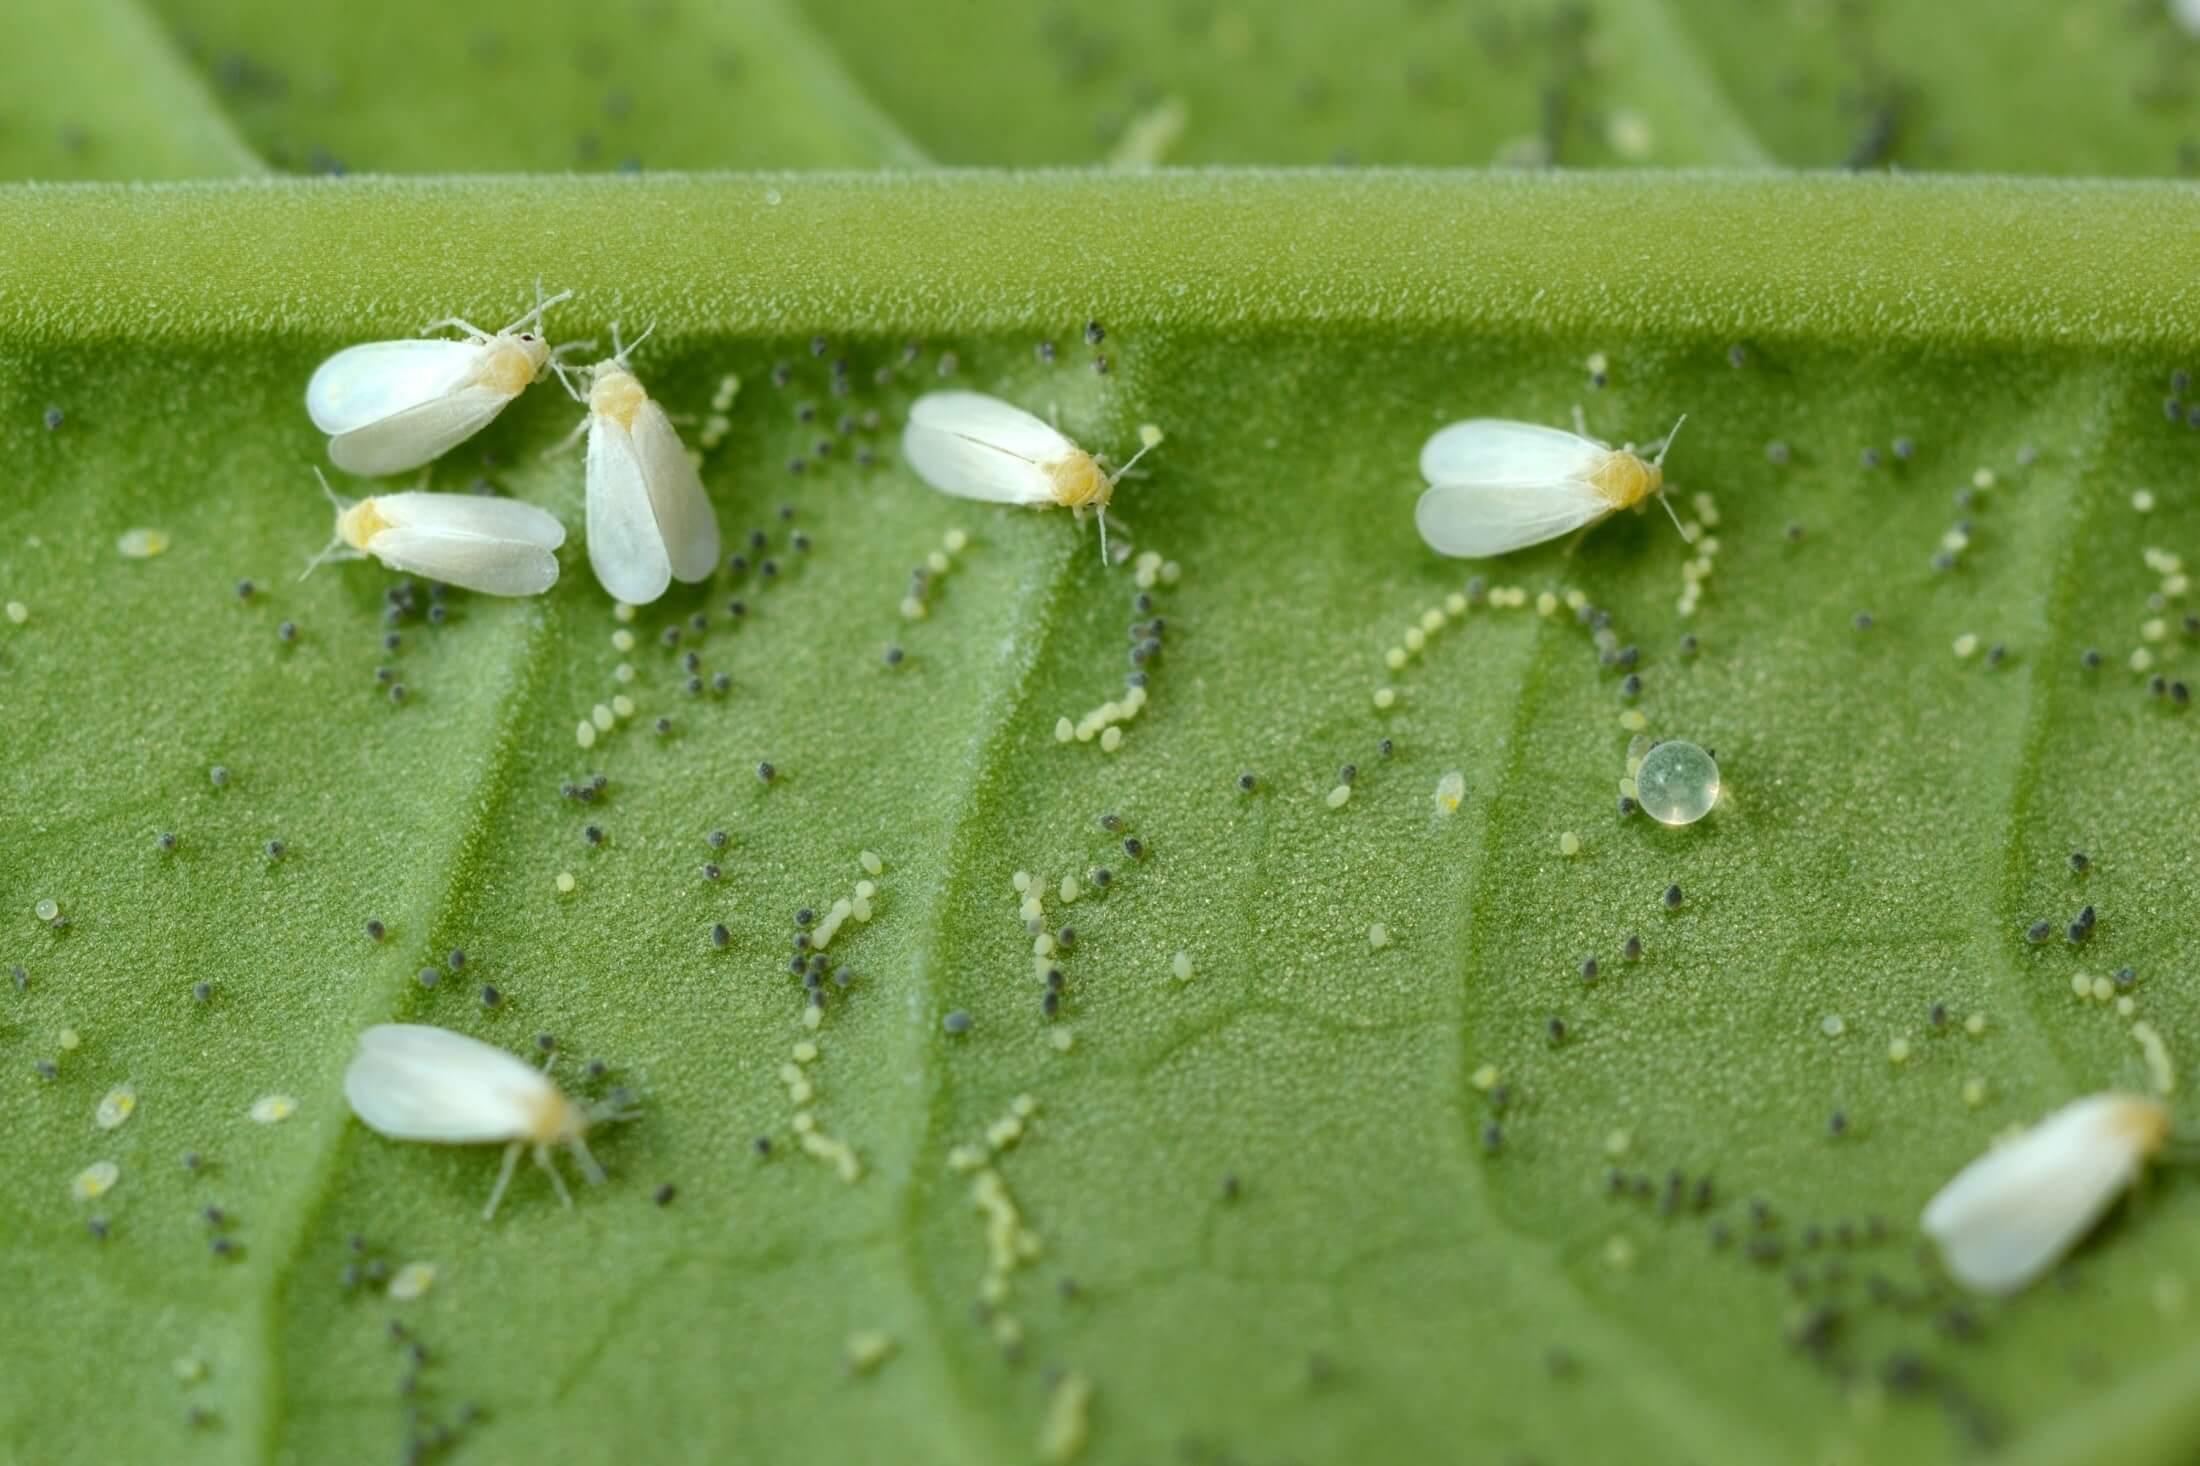 Beyaz sinek ve thripsler, direkt olarak bitki üzerinde beslenerek, bir çok mahsule ekonomik açıdan ciddi zararlar vermektedir.